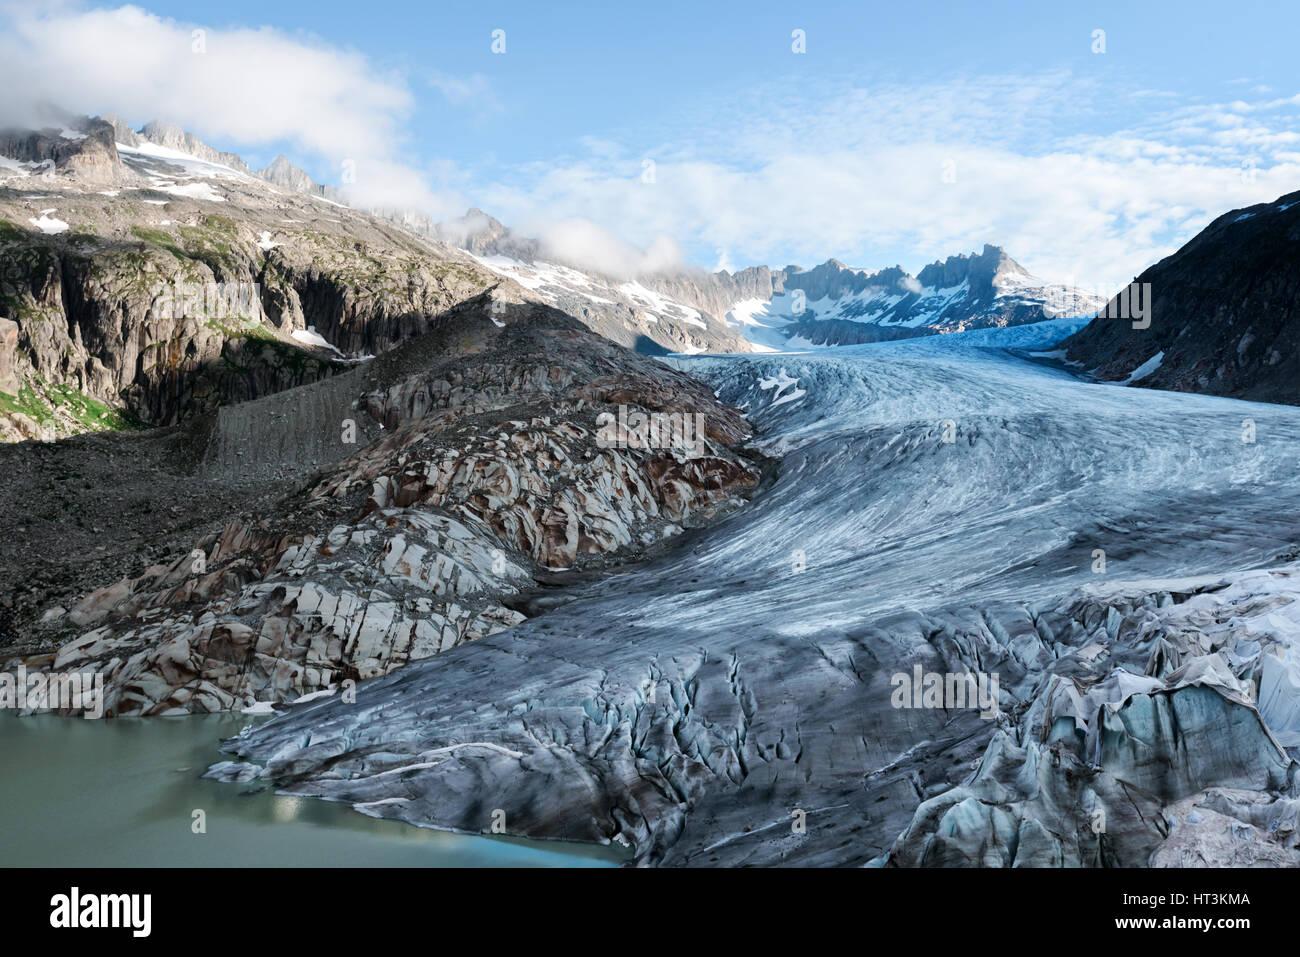 El glaciar del Ródano Alpes Suizos en día de verano. Suiza, Europa. Imagen De Stock